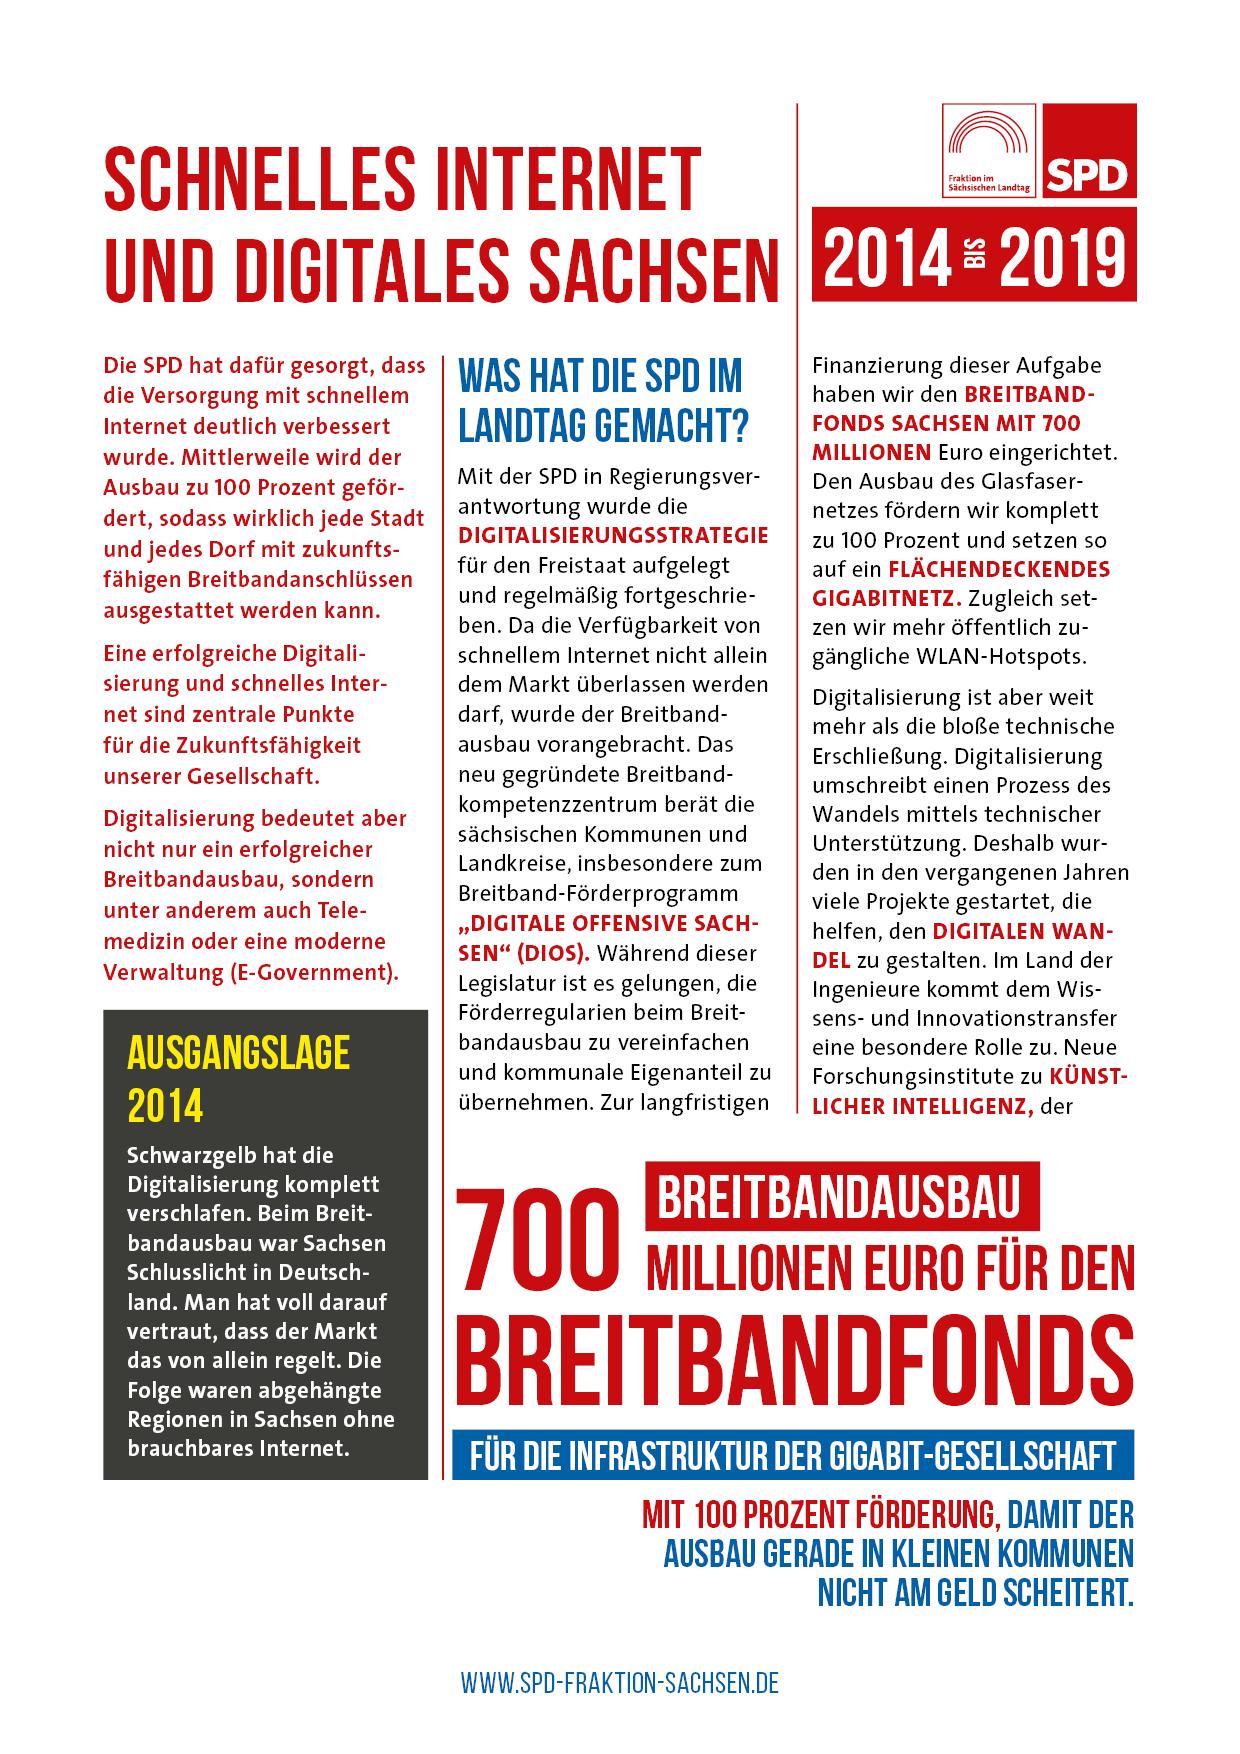 Bilanz_Digitalisierung1